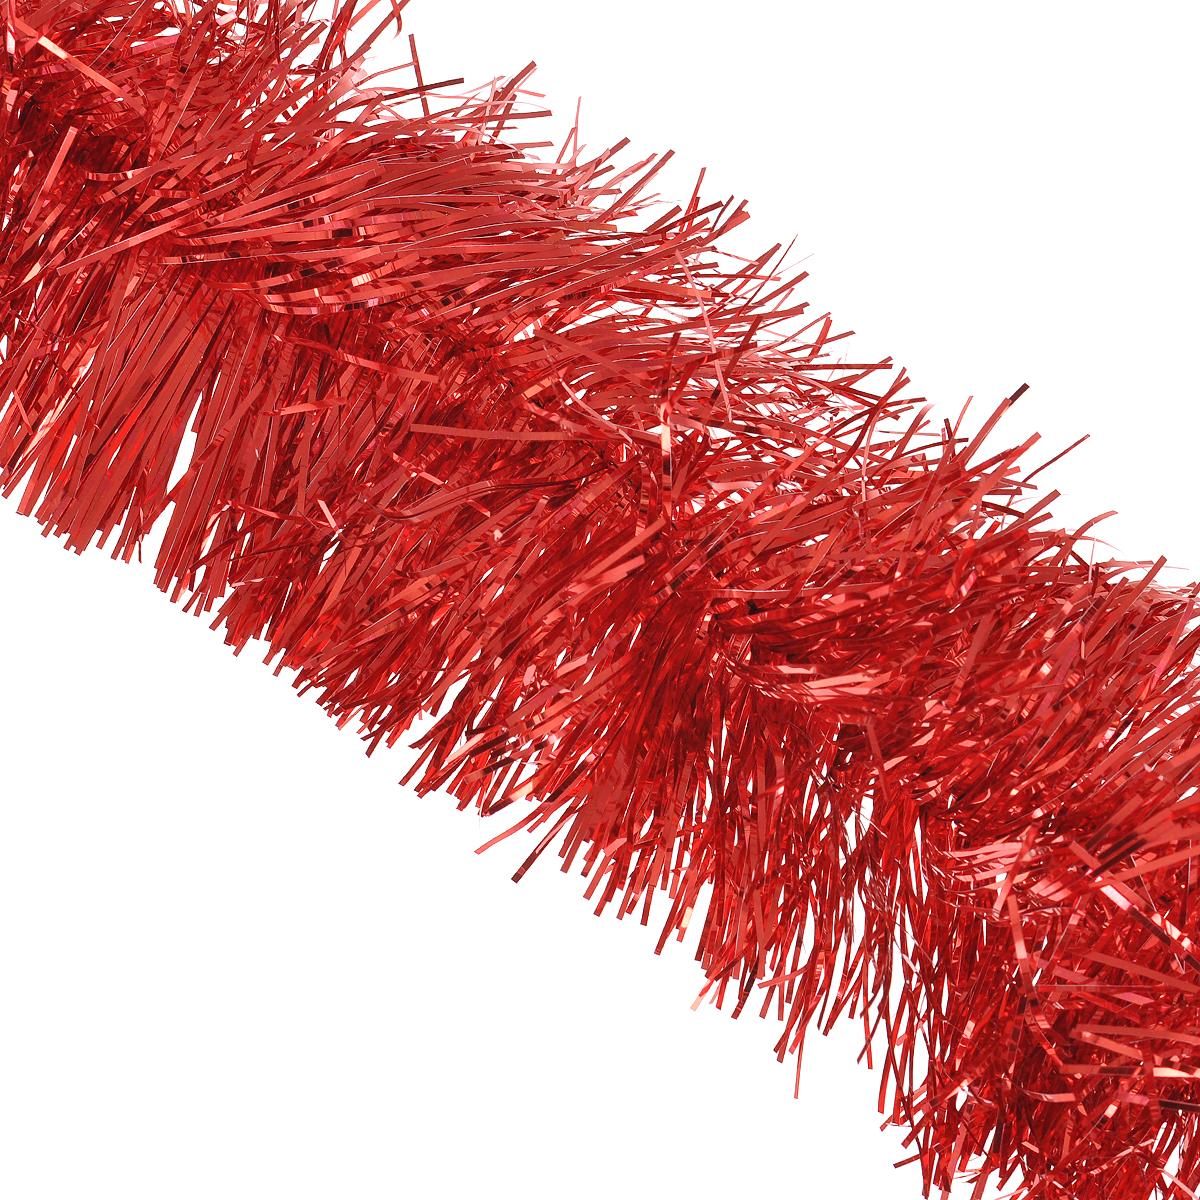 Мишура новогодняя Sima-land, цвет: красный, диаметр 12 см, длина 2 м. 702590702590Новогодняя мишура Sima-land, выполненная из фольги, поможет вам украсить свой дом к предстоящим праздникам. А новогодняя елка с таким украшением станет еще наряднее. Мишура армирована, то есть имеет проволоку внутри и способна сохранять приданную ей форму. Новогодней мишурой можно украсить все, что угодно - елку, квартиру, дачу, офис - как внутри, так и снаружи. Можно сложить новогодние поздравления, буквы и цифры, мишурой можно украсить и дополнить гирлянды, можно выделить дверные колонны, оплести дверные проемы. Коллекция декоративных украшений из серии Зимнее волшебство принесет в ваш дом ни с чем несравнимое ощущение праздника! Создайте в своем доме атмосферу тепла, веселья и радости, украшая его всей семьей.